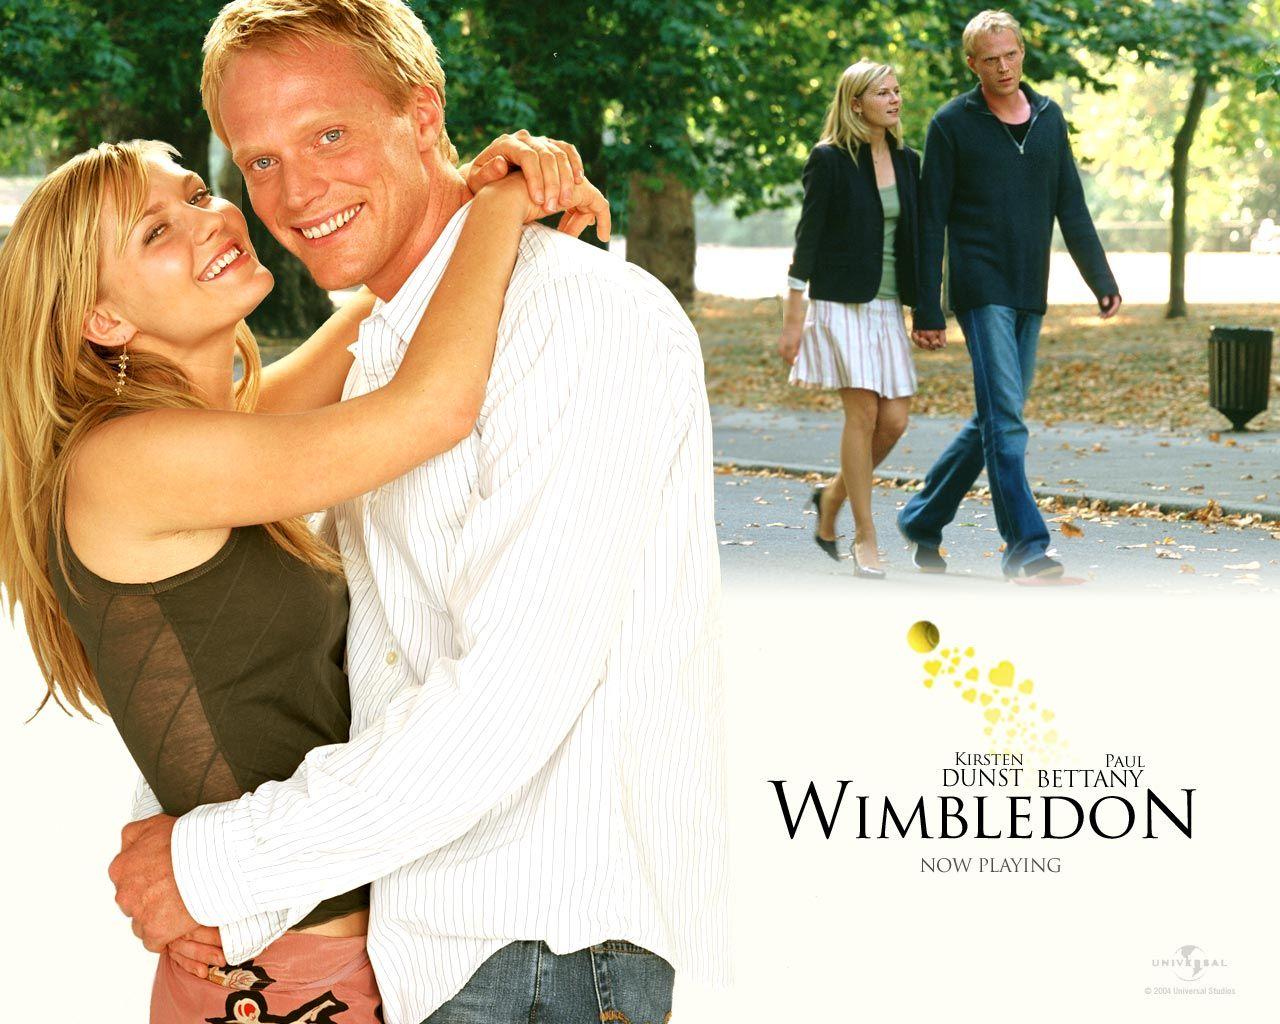 Wimbledon фильм смотреть на английском